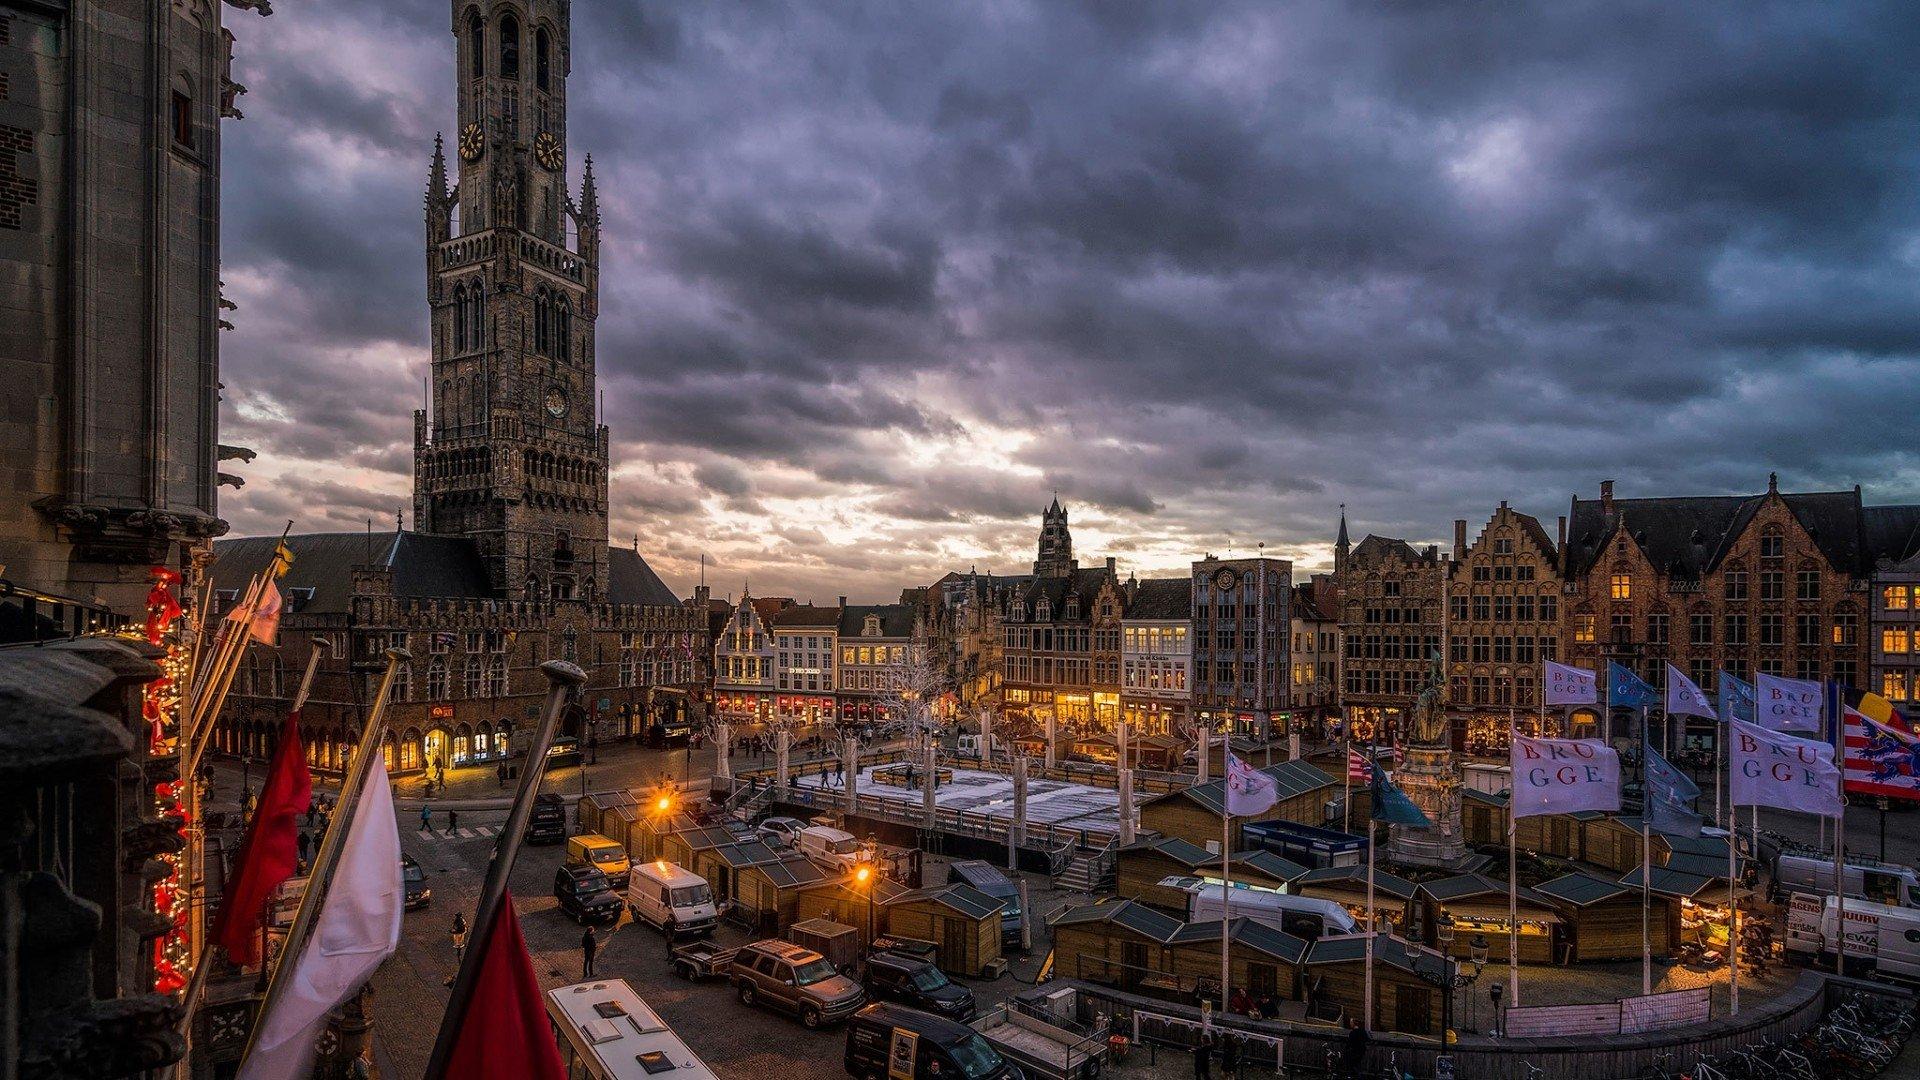 Bruges Belgium at Dusk HD Wallpaper Background Image 1920x1080